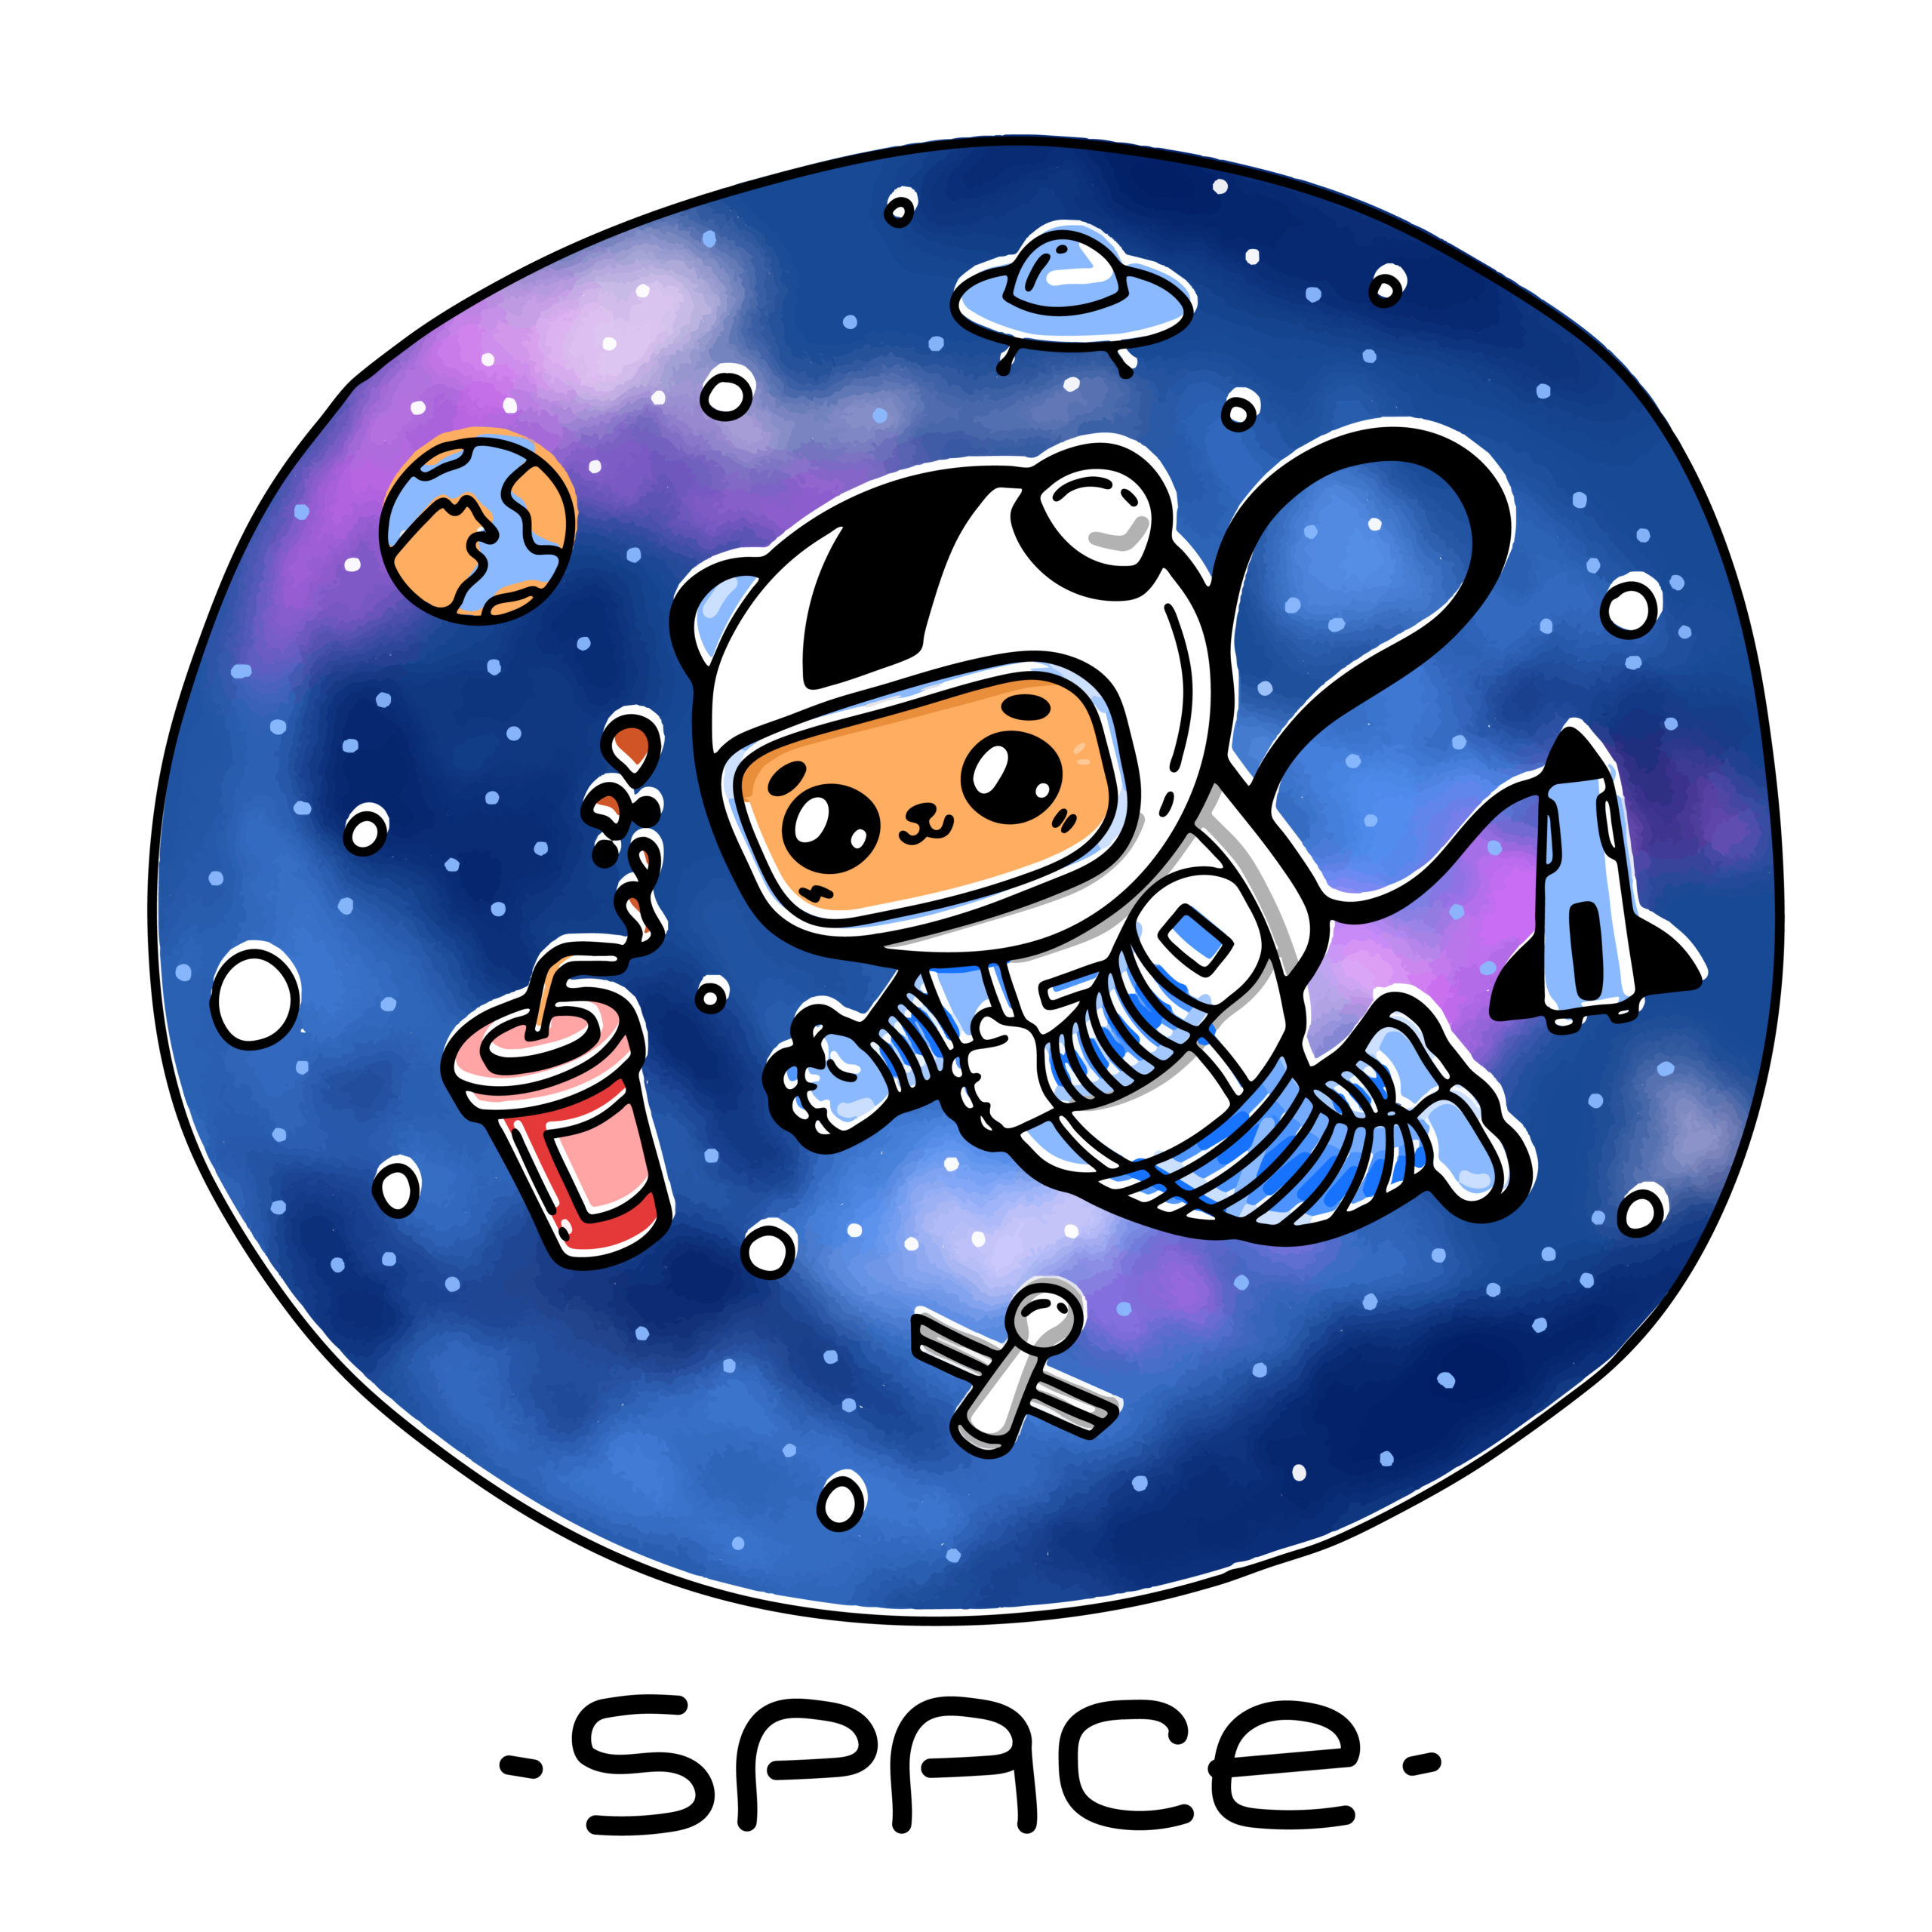 猫が宇宙のコーラに手を伸ばす。カラフルな面白いキャラクター